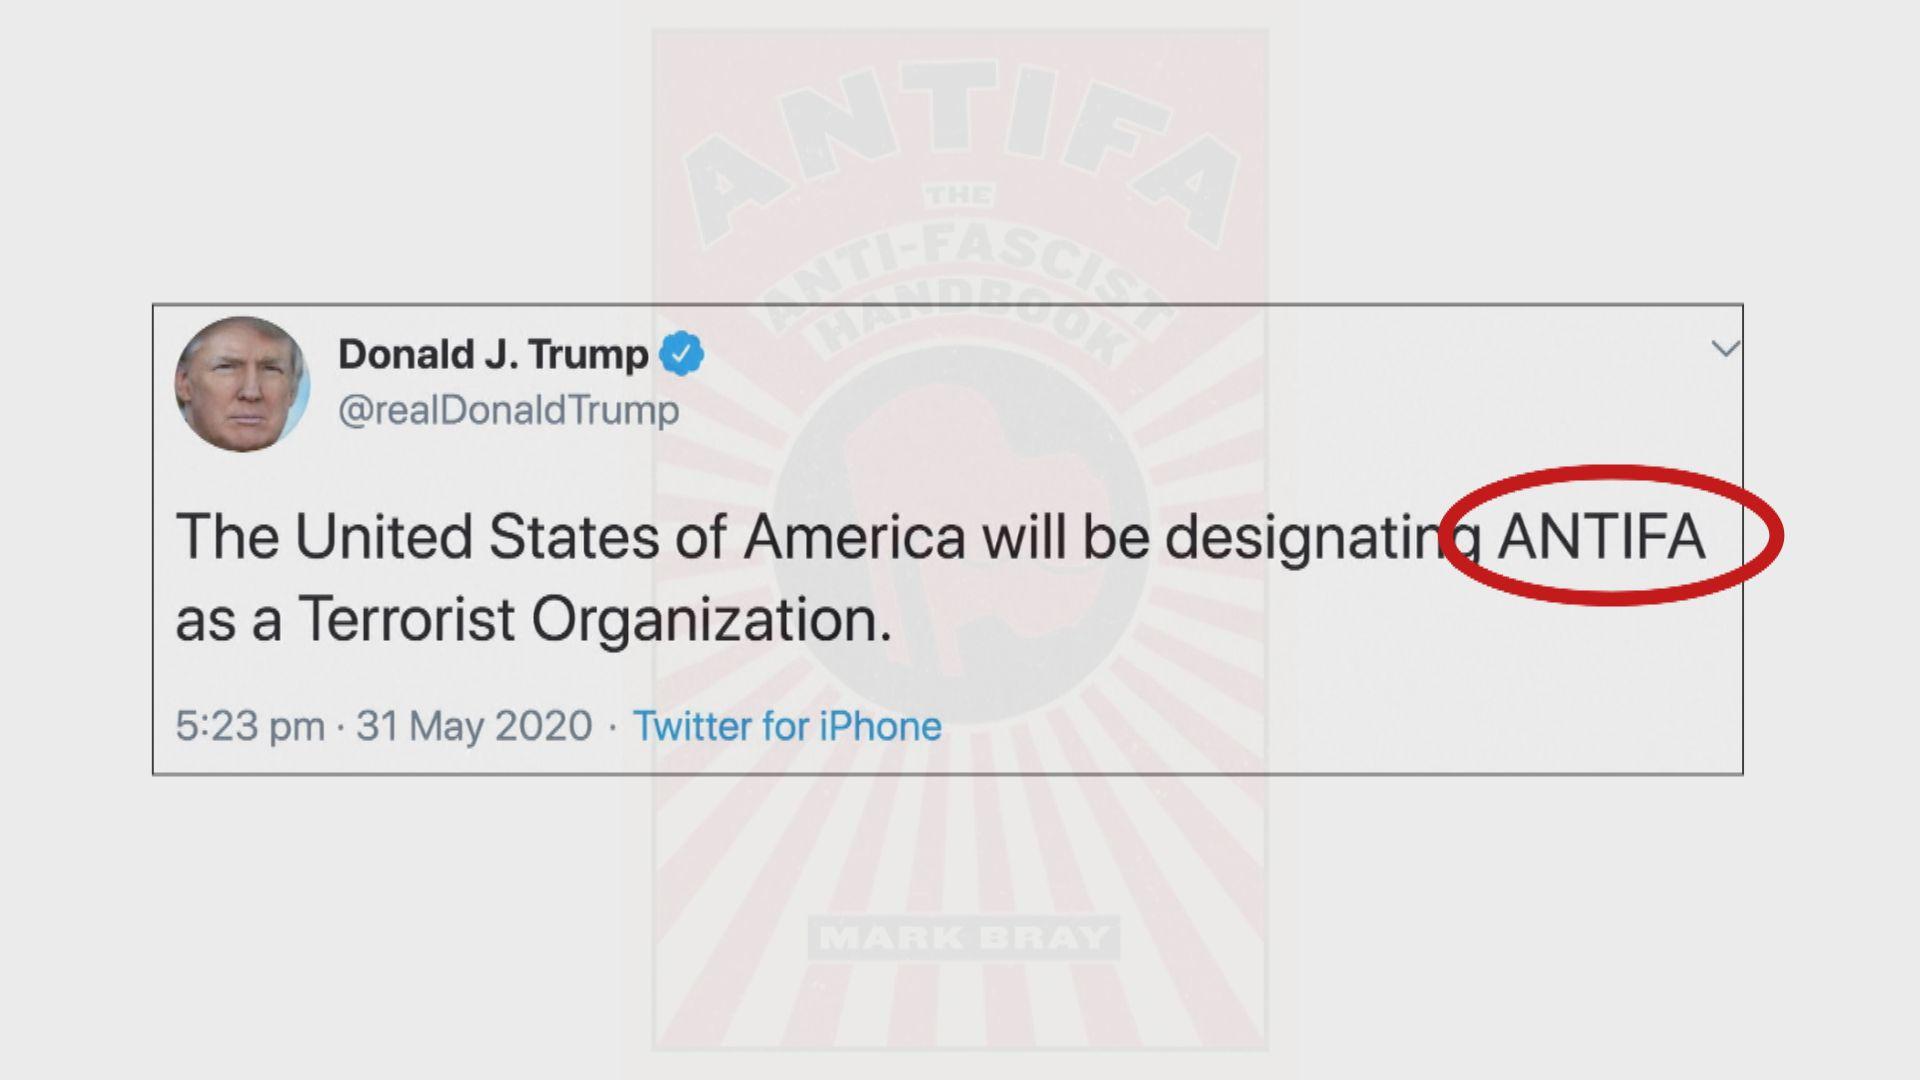 特朗普批反法西斯組織 分析質疑組織難策動大規模破壞